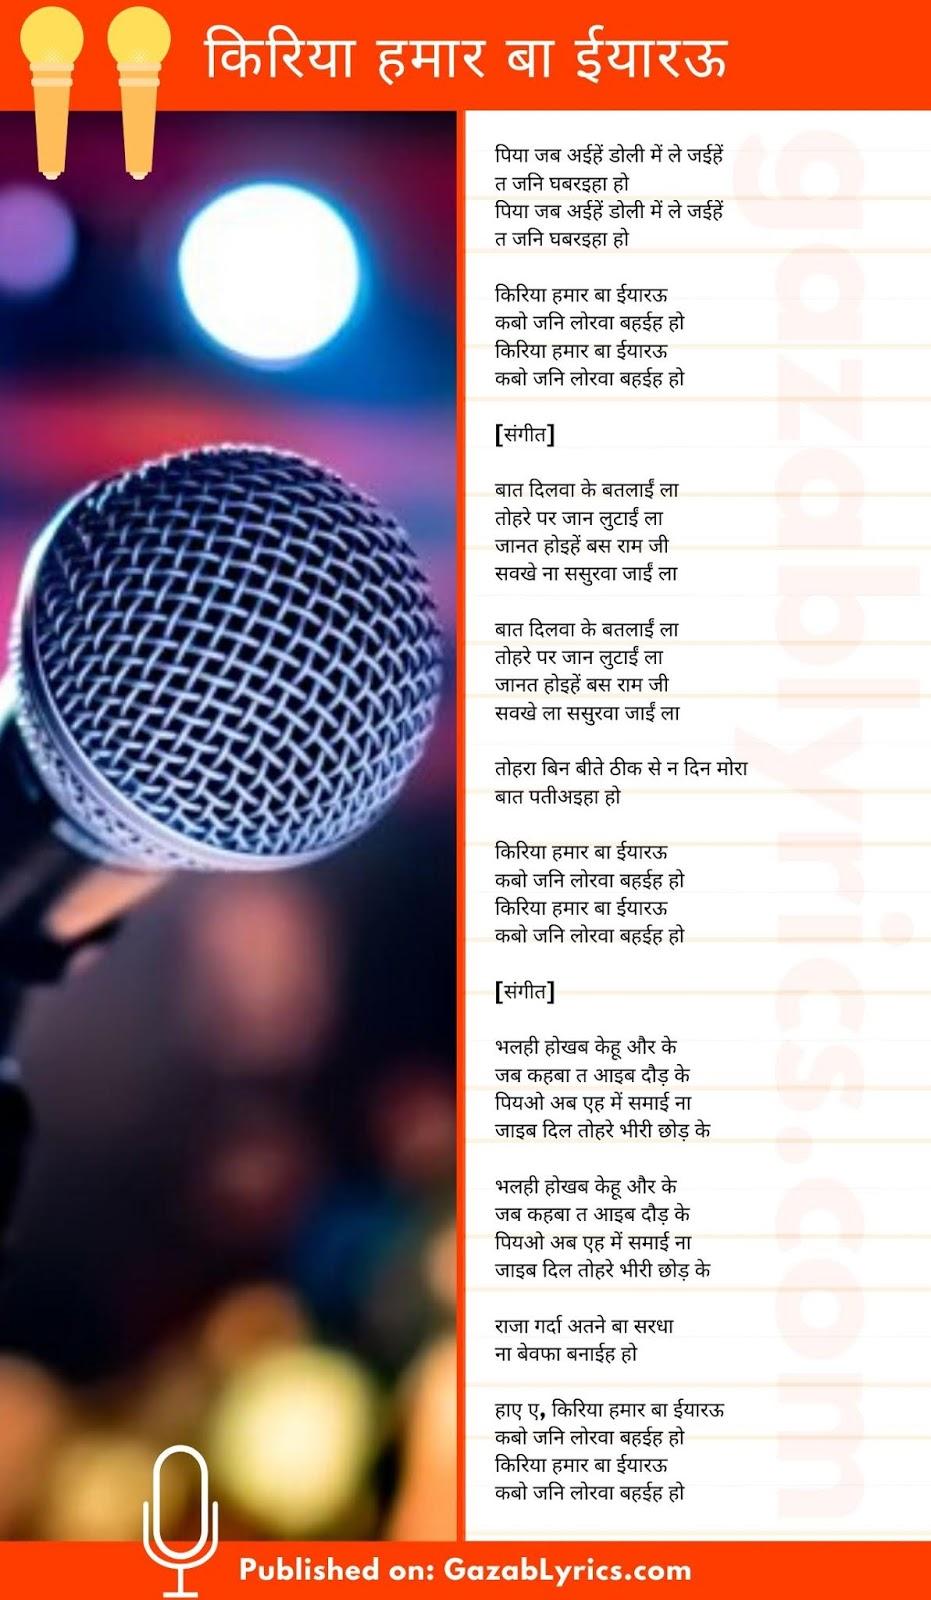 Kiriya Hamar Ba Eyarau song lyrics image